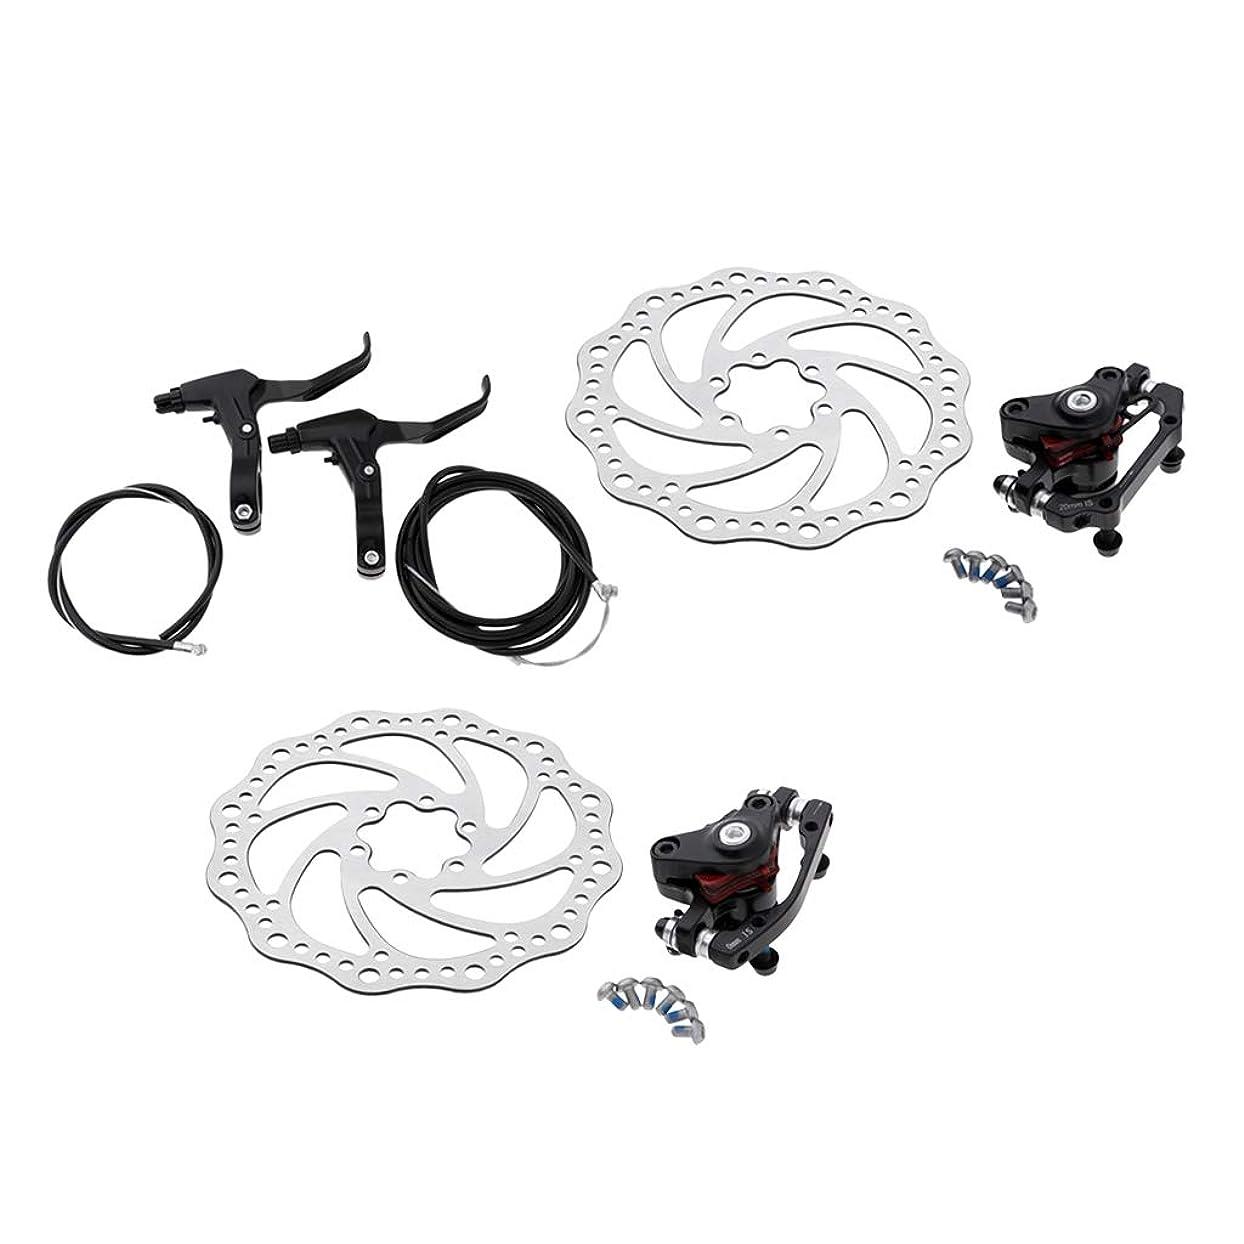 レルム細胞迫害するD DOLITY 自転車 メカニカル ディスクブレーキフロント リア 160mm ボルト ケーブル ユニバーサル